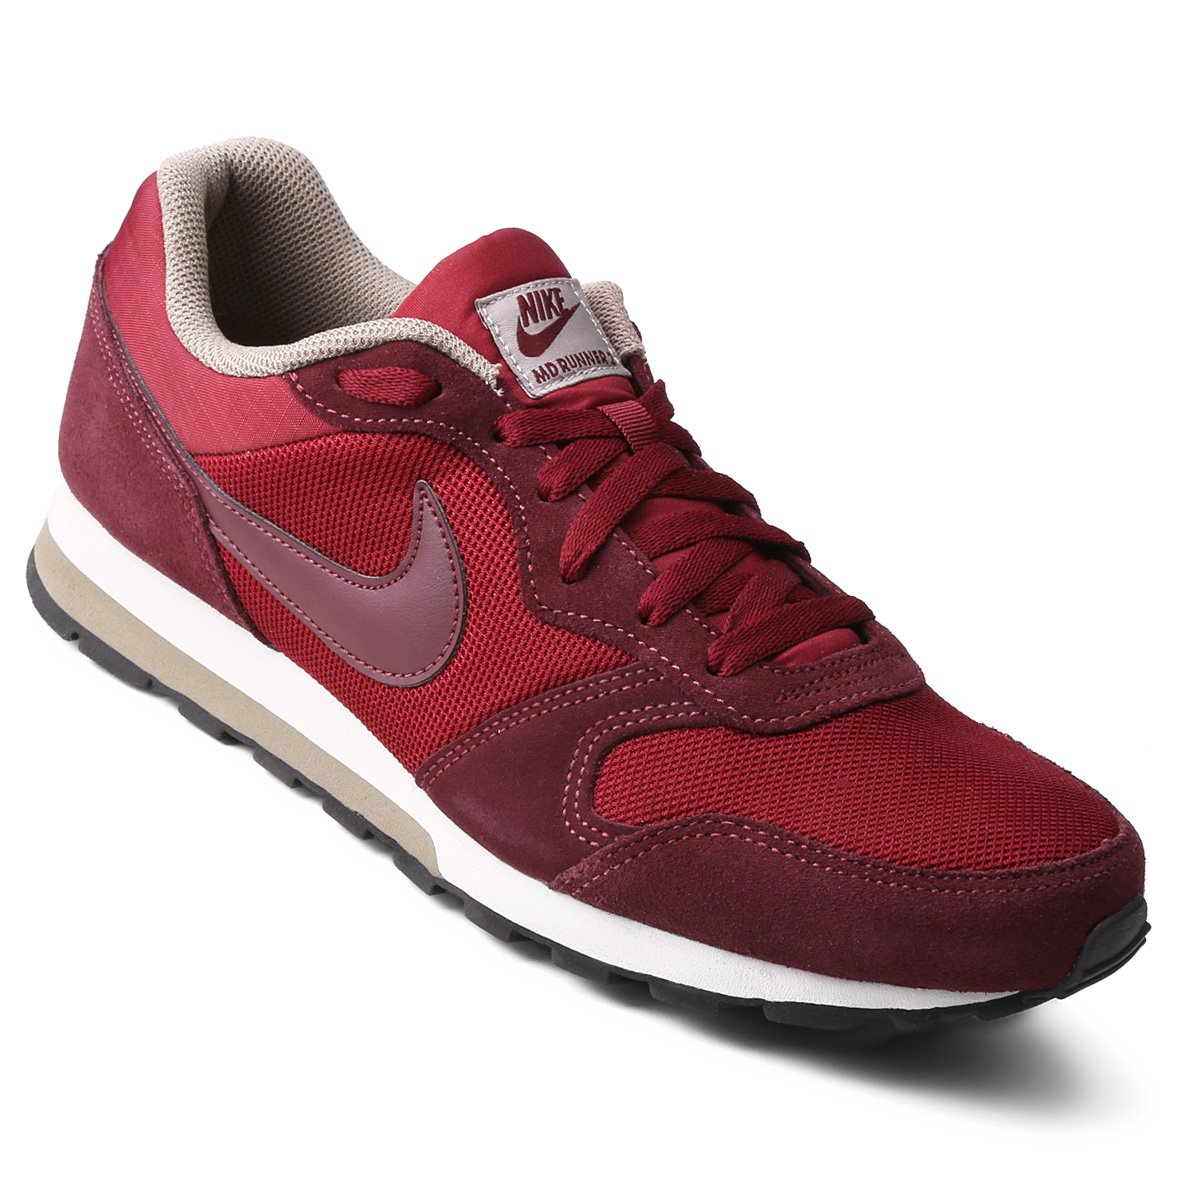 f65a3e873ae Tênis Nike Md Runner 2 Masculino - Vermelho e Vinho - Compre Agora ...